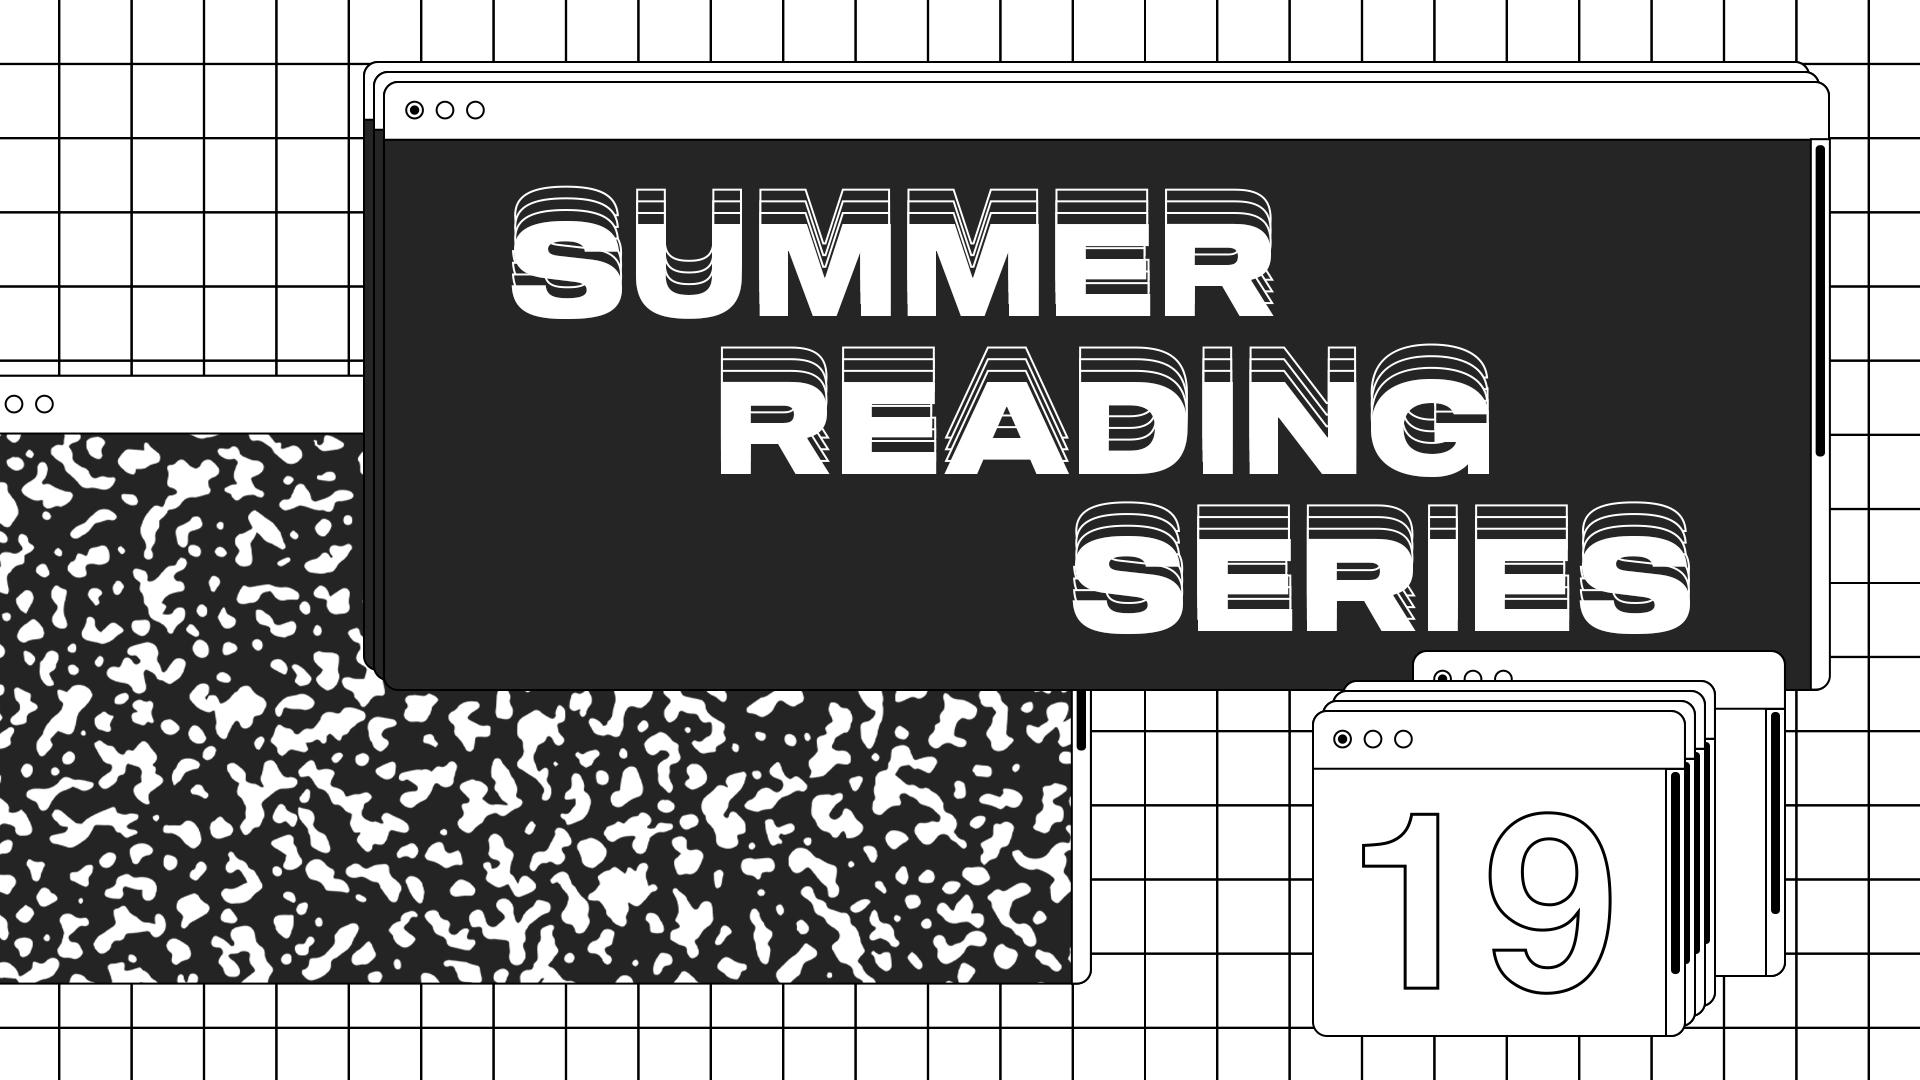 06_Summer Reading Series 2.jpg